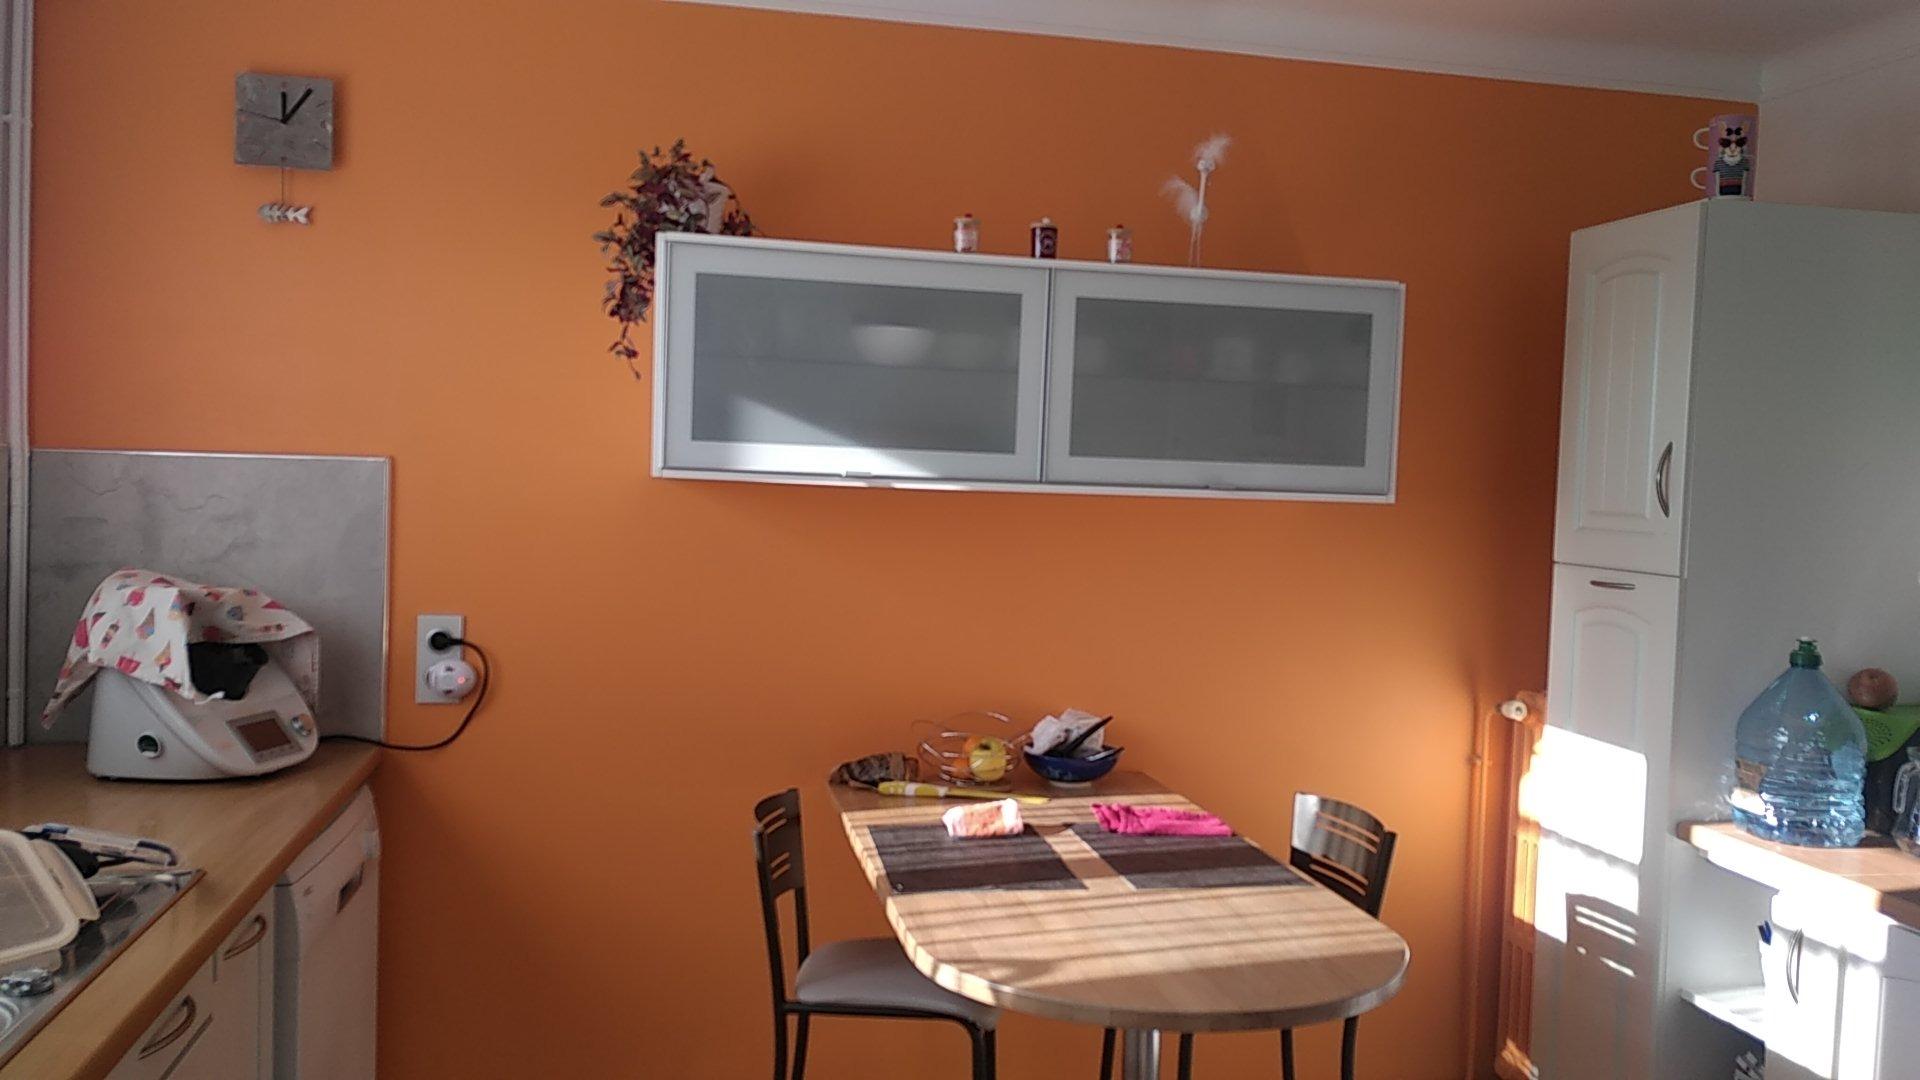 Rénovation voile de mur couleur d'une cuisine avec création de petites étagères